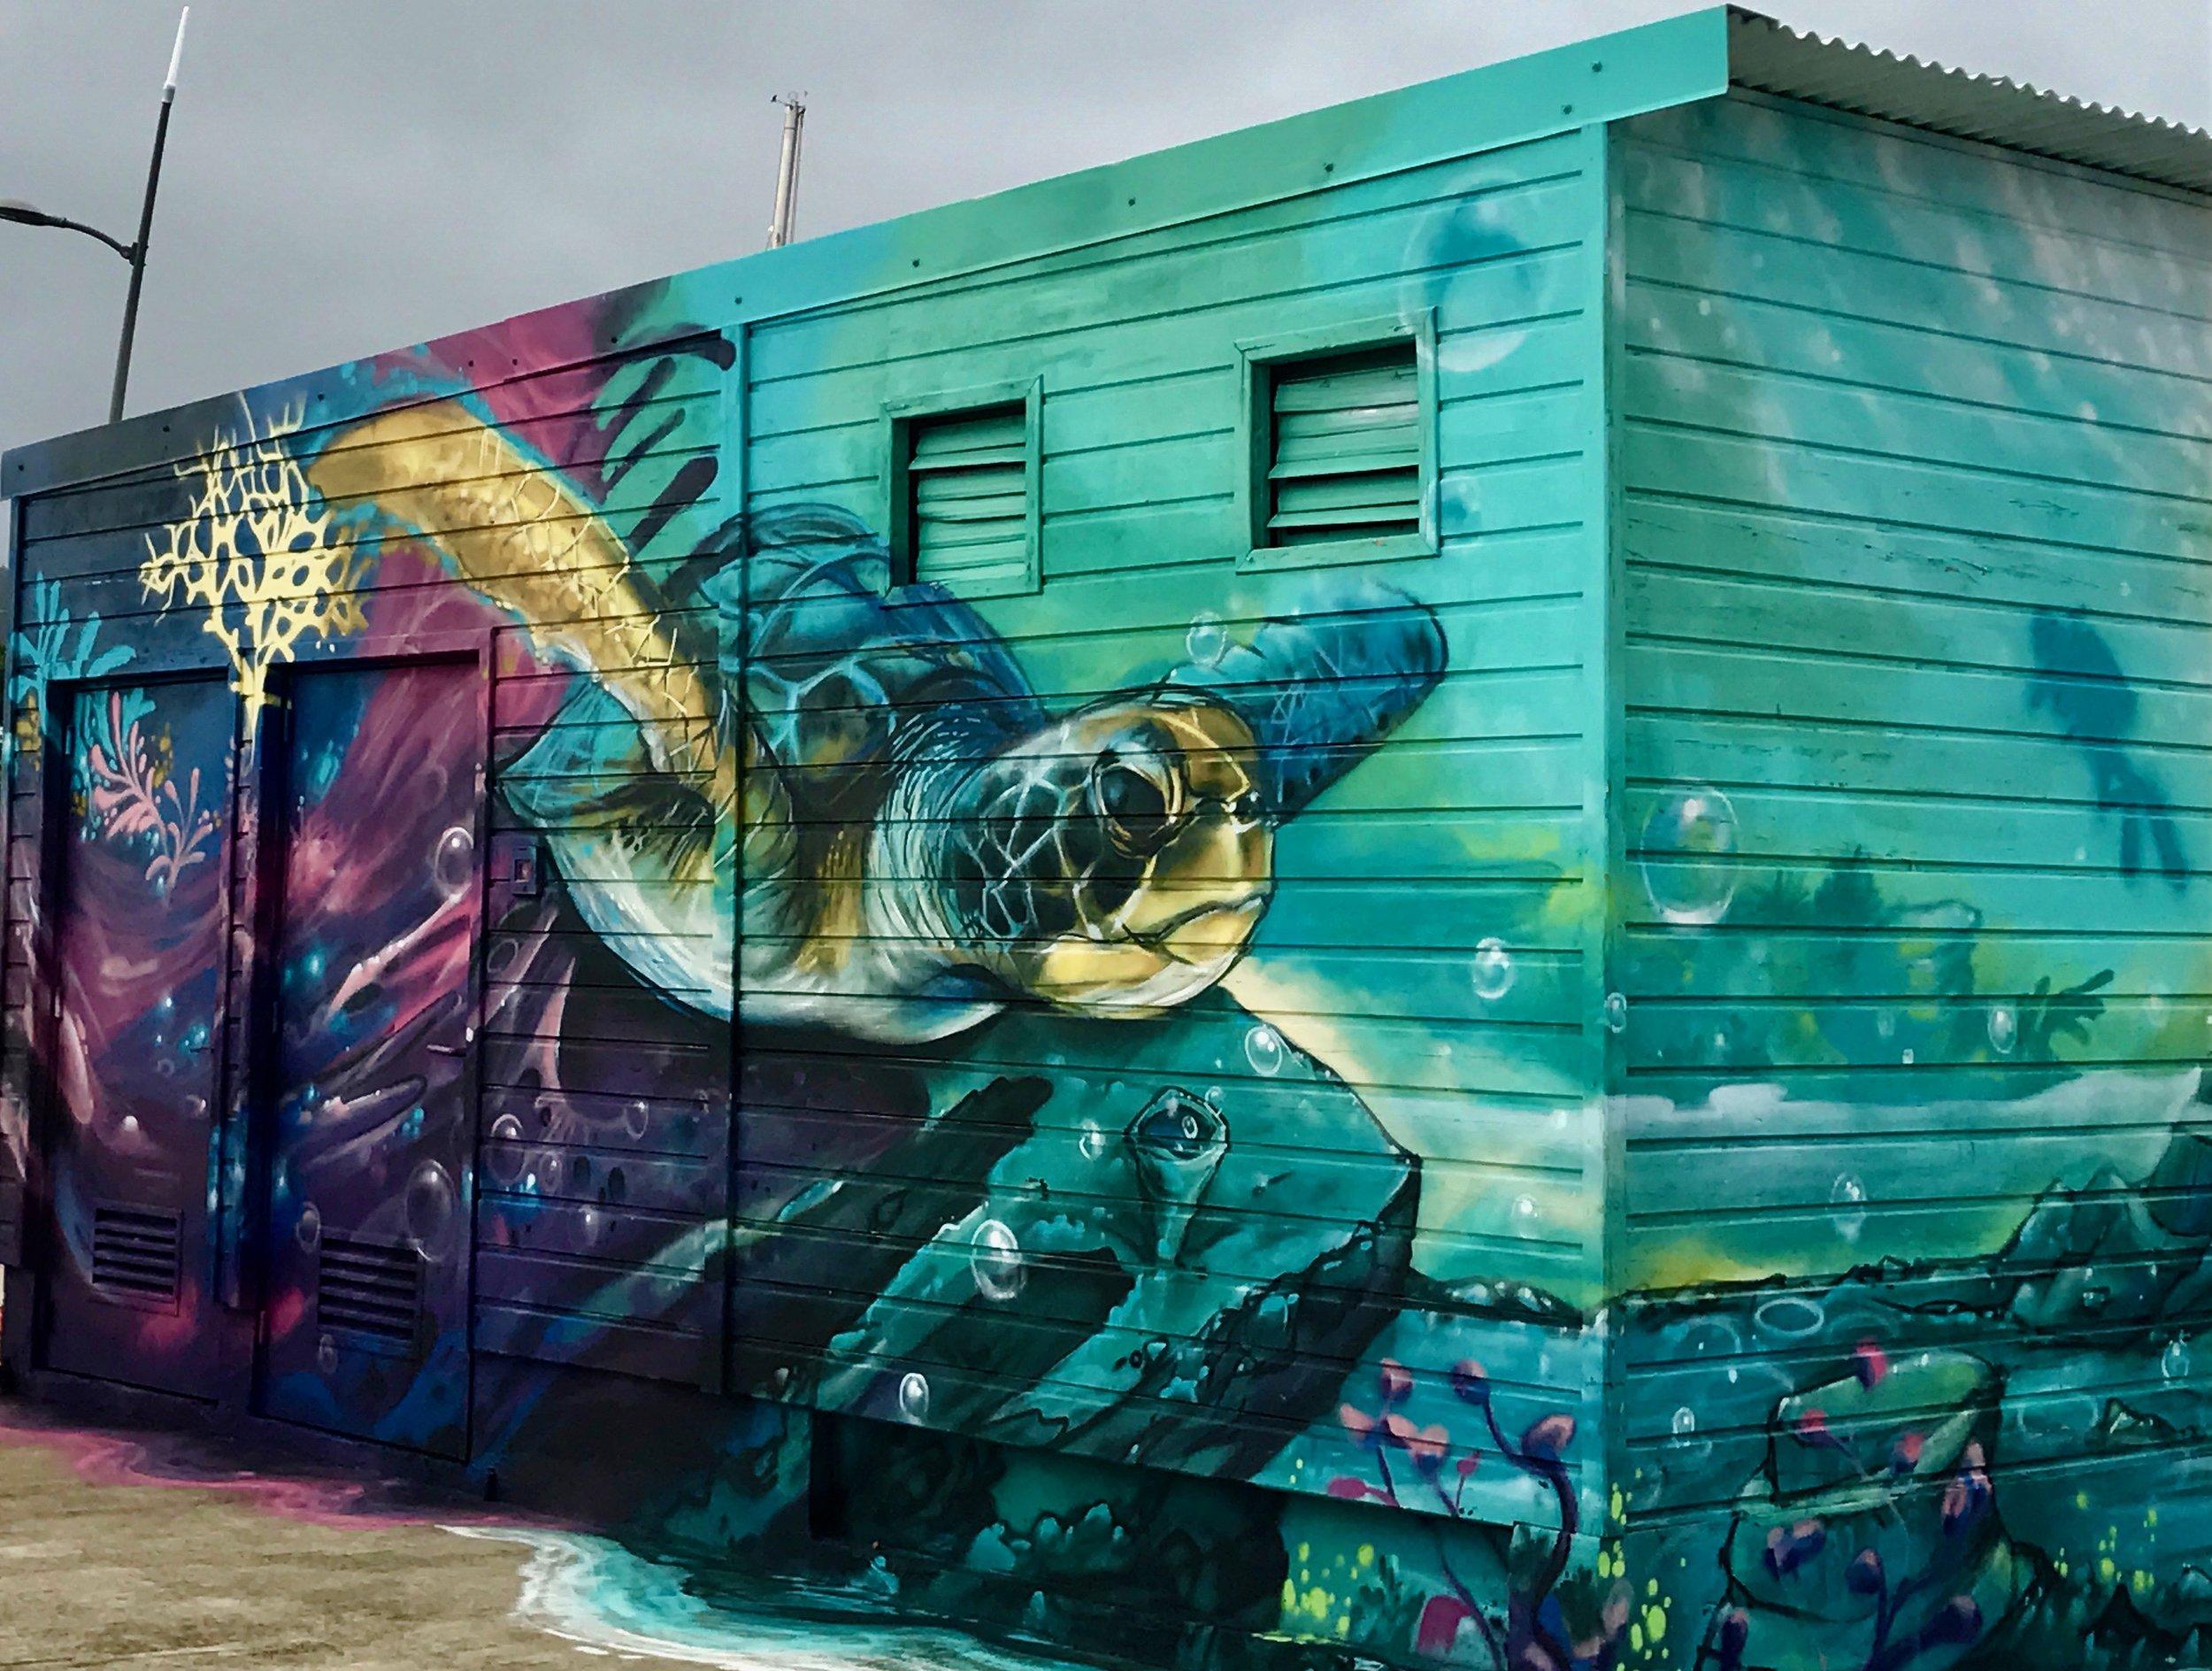 Turtle mural, Le Marin, same artist?